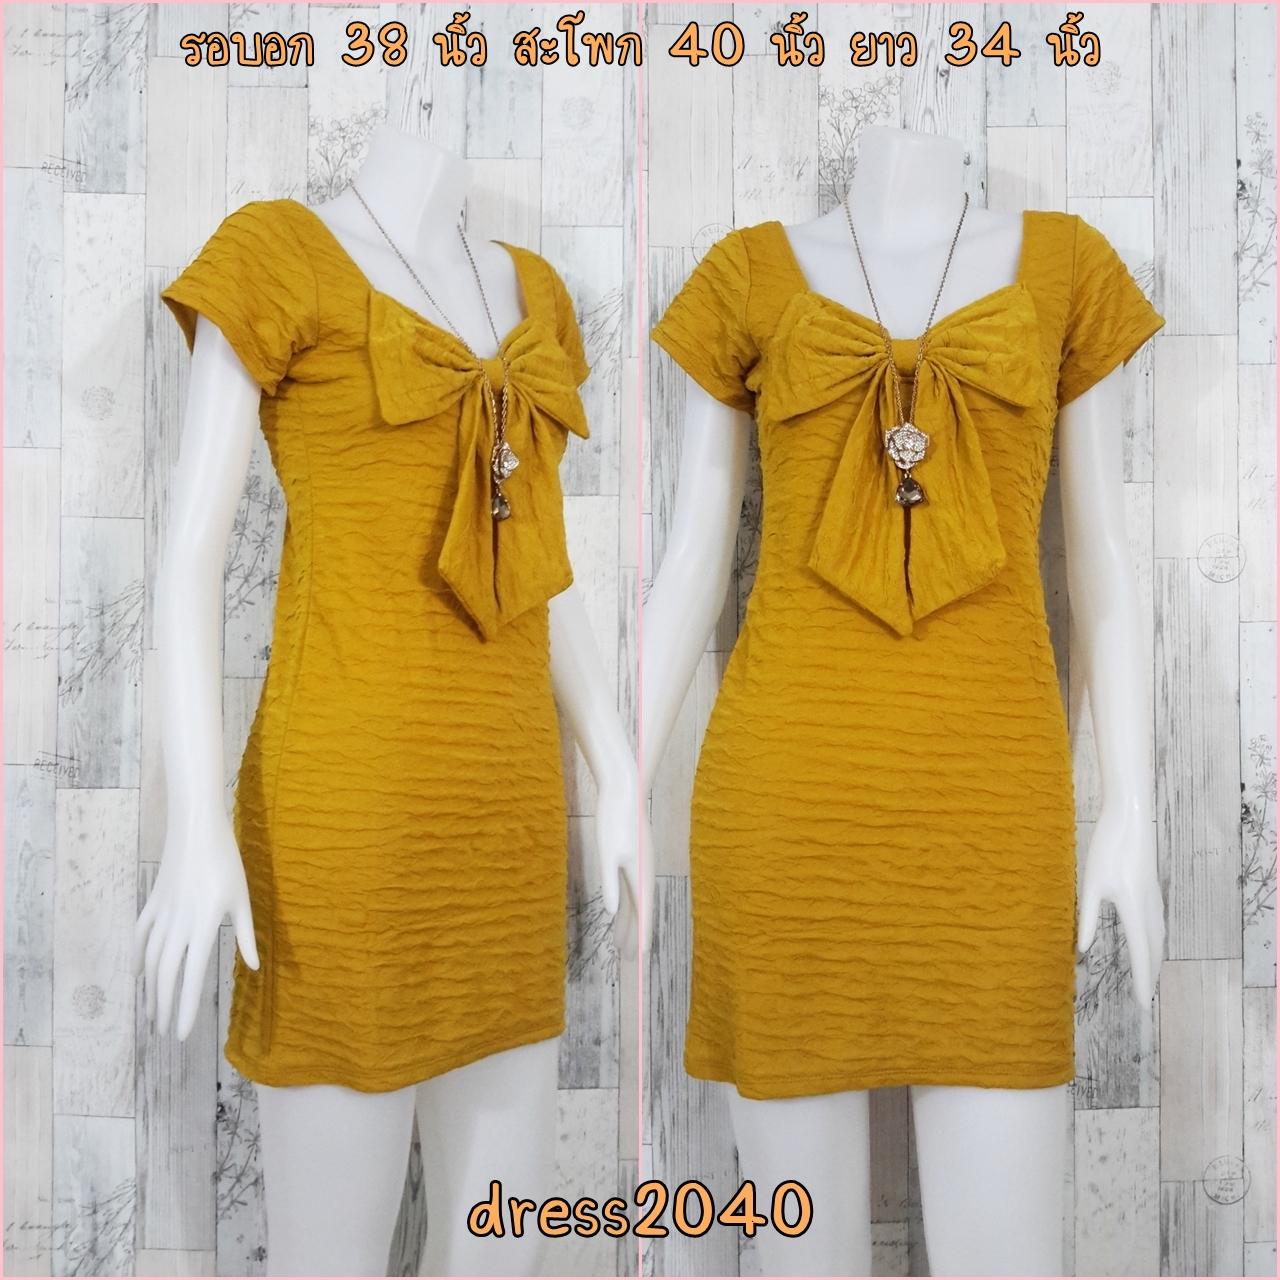 LOT SALE!! Dress2040 เดรสแฟชั่นคอโบว์ผ้าคอตตอนเนื้อดีนุ่มยืดขยายได้เยอะ สีเหลืองมัสตาร์ด